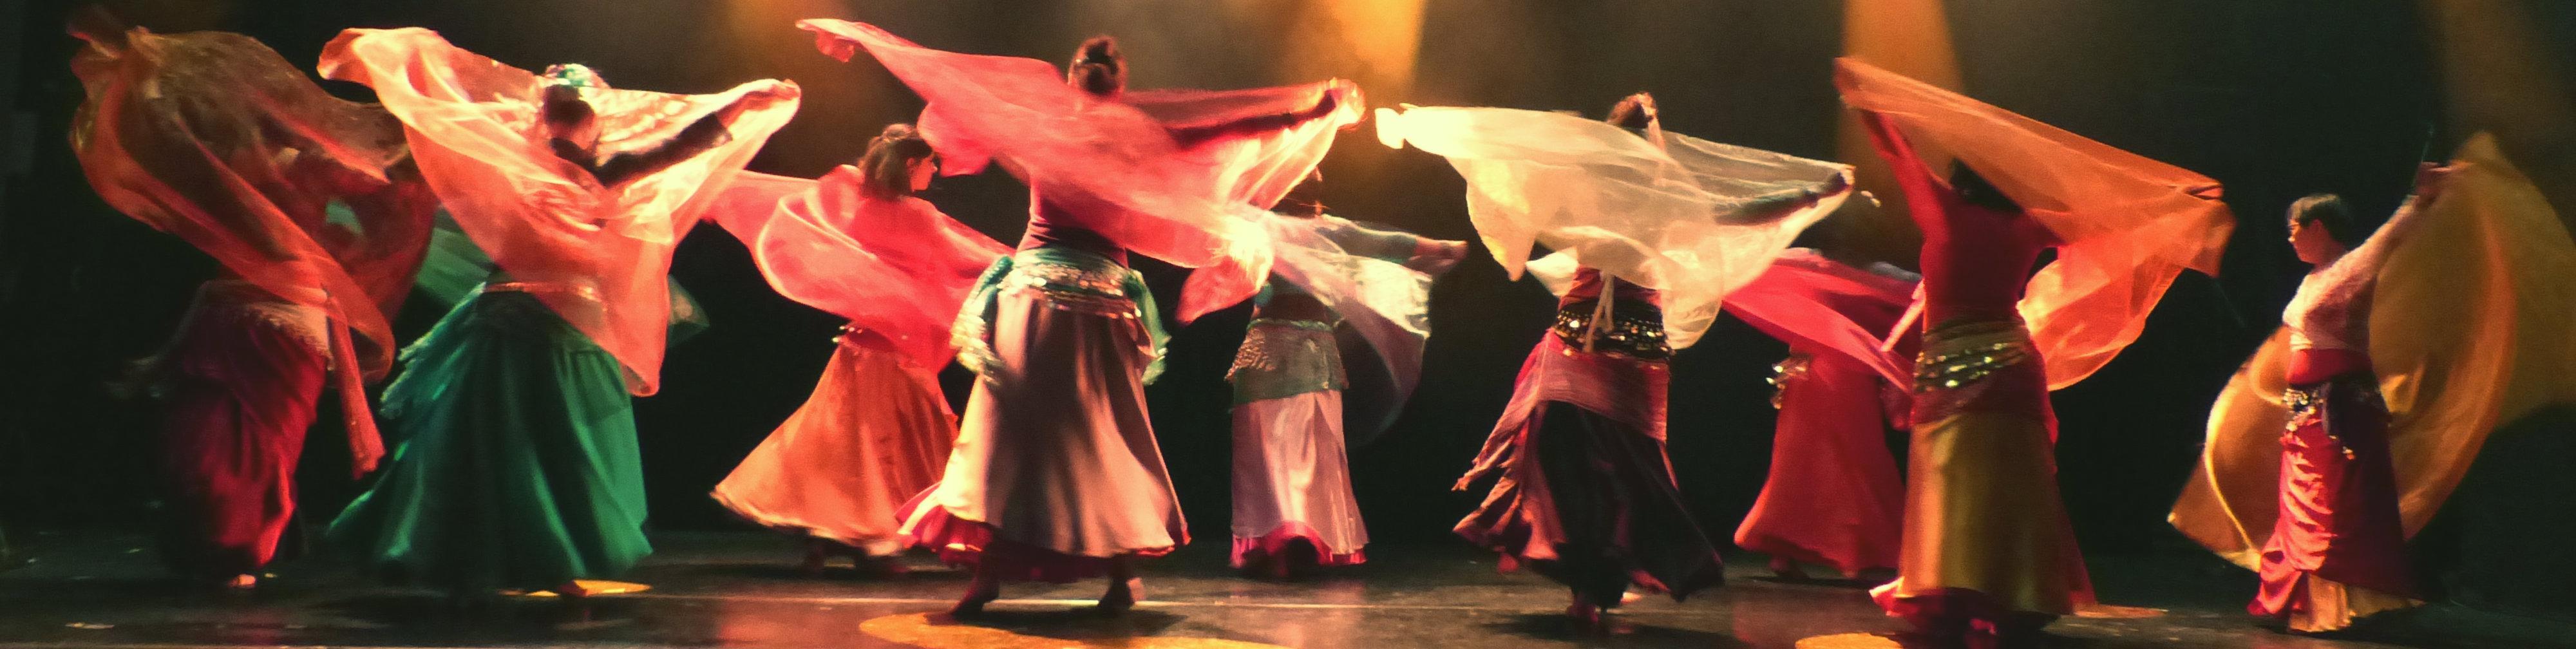 danse-orientale-2